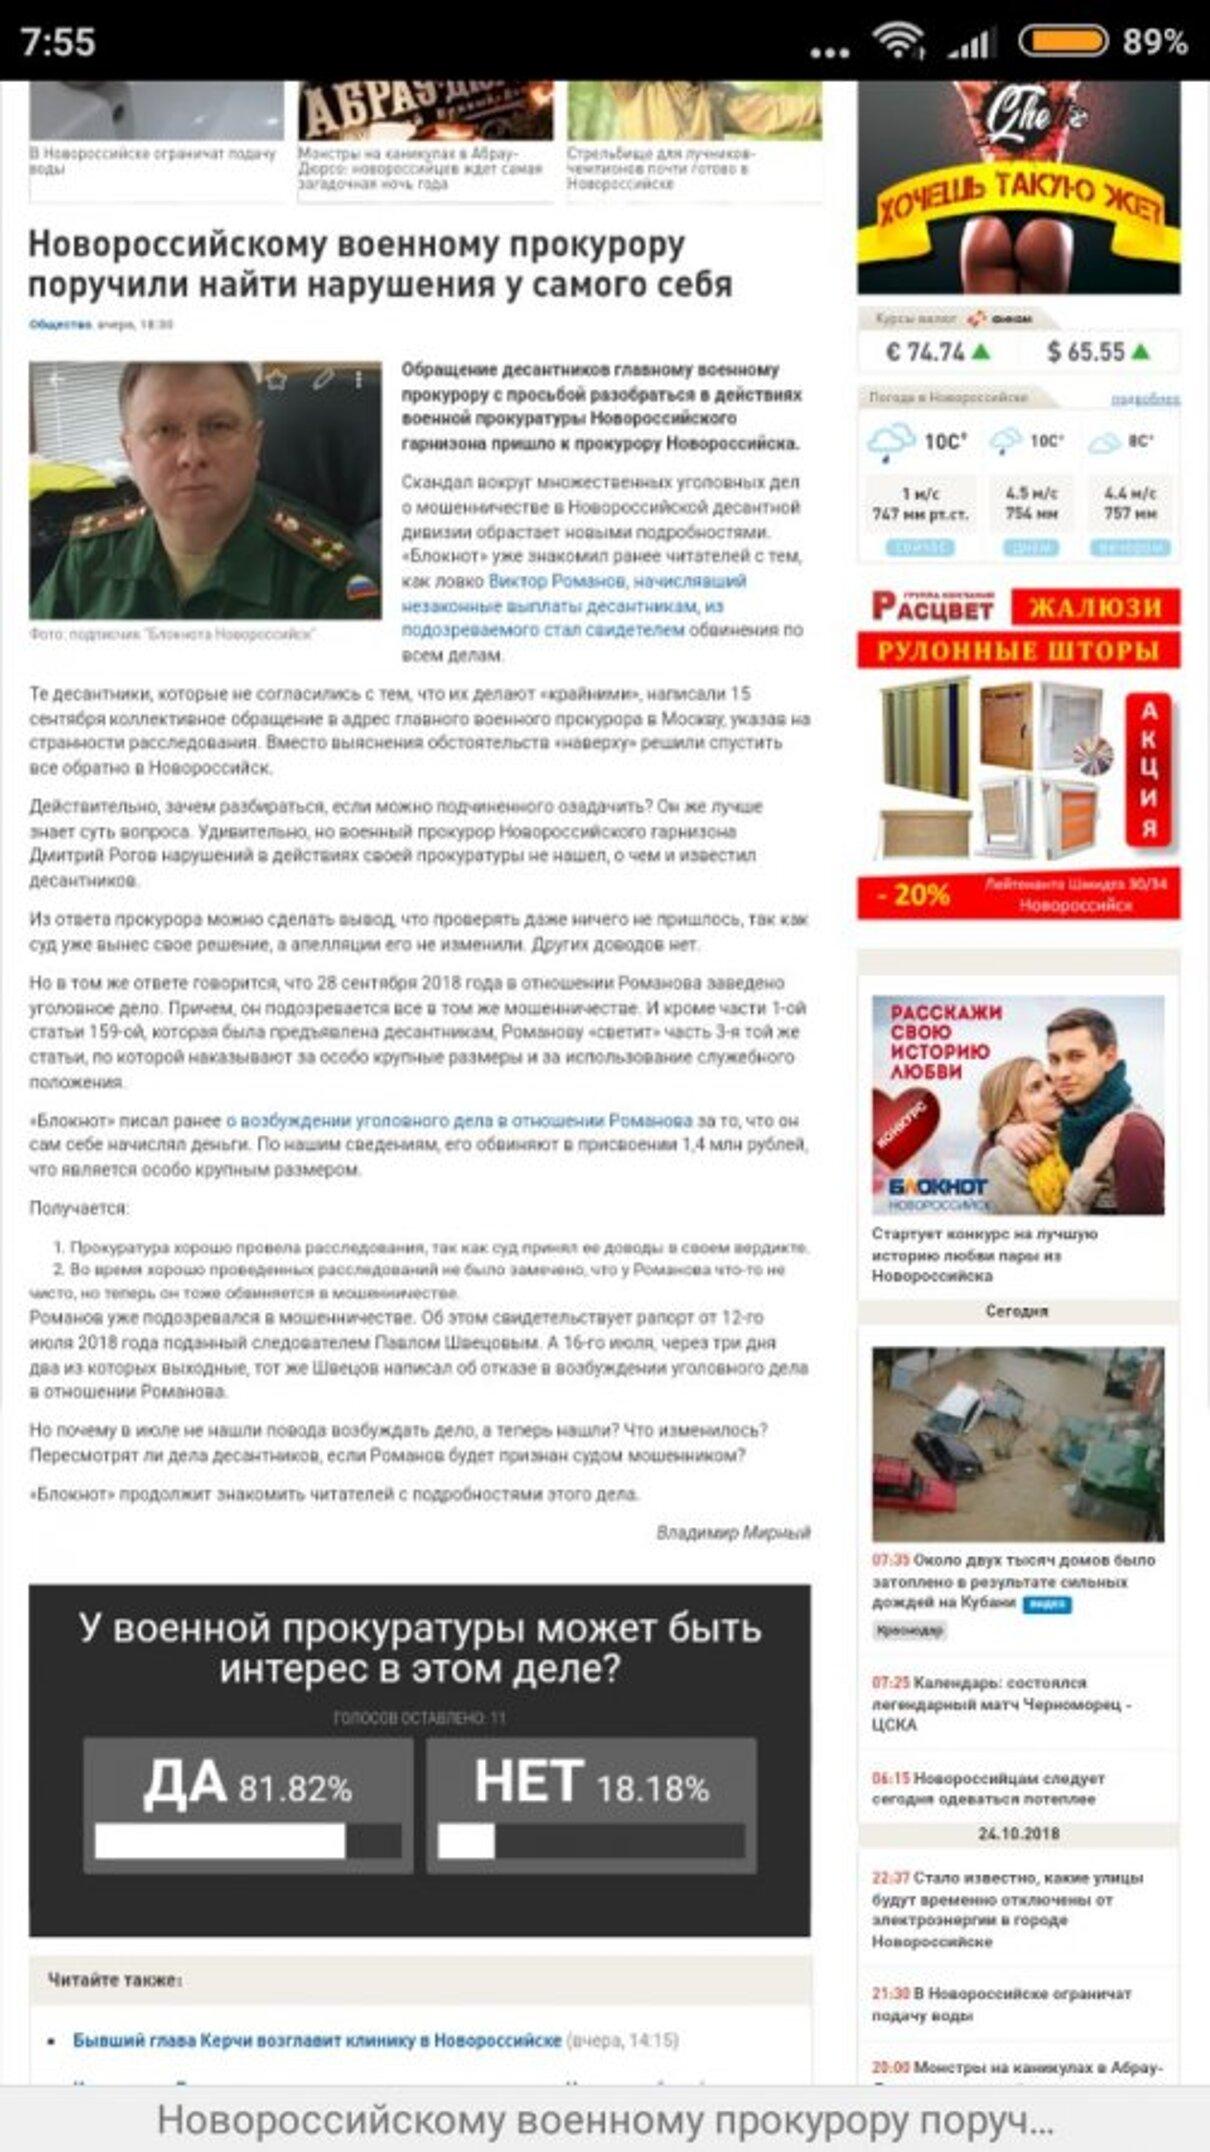 Жалоба-отзыв: Прокуратура - 25 военнослужащих в/ч 42091 незаконно осудили за мошенничество.  Фото №2